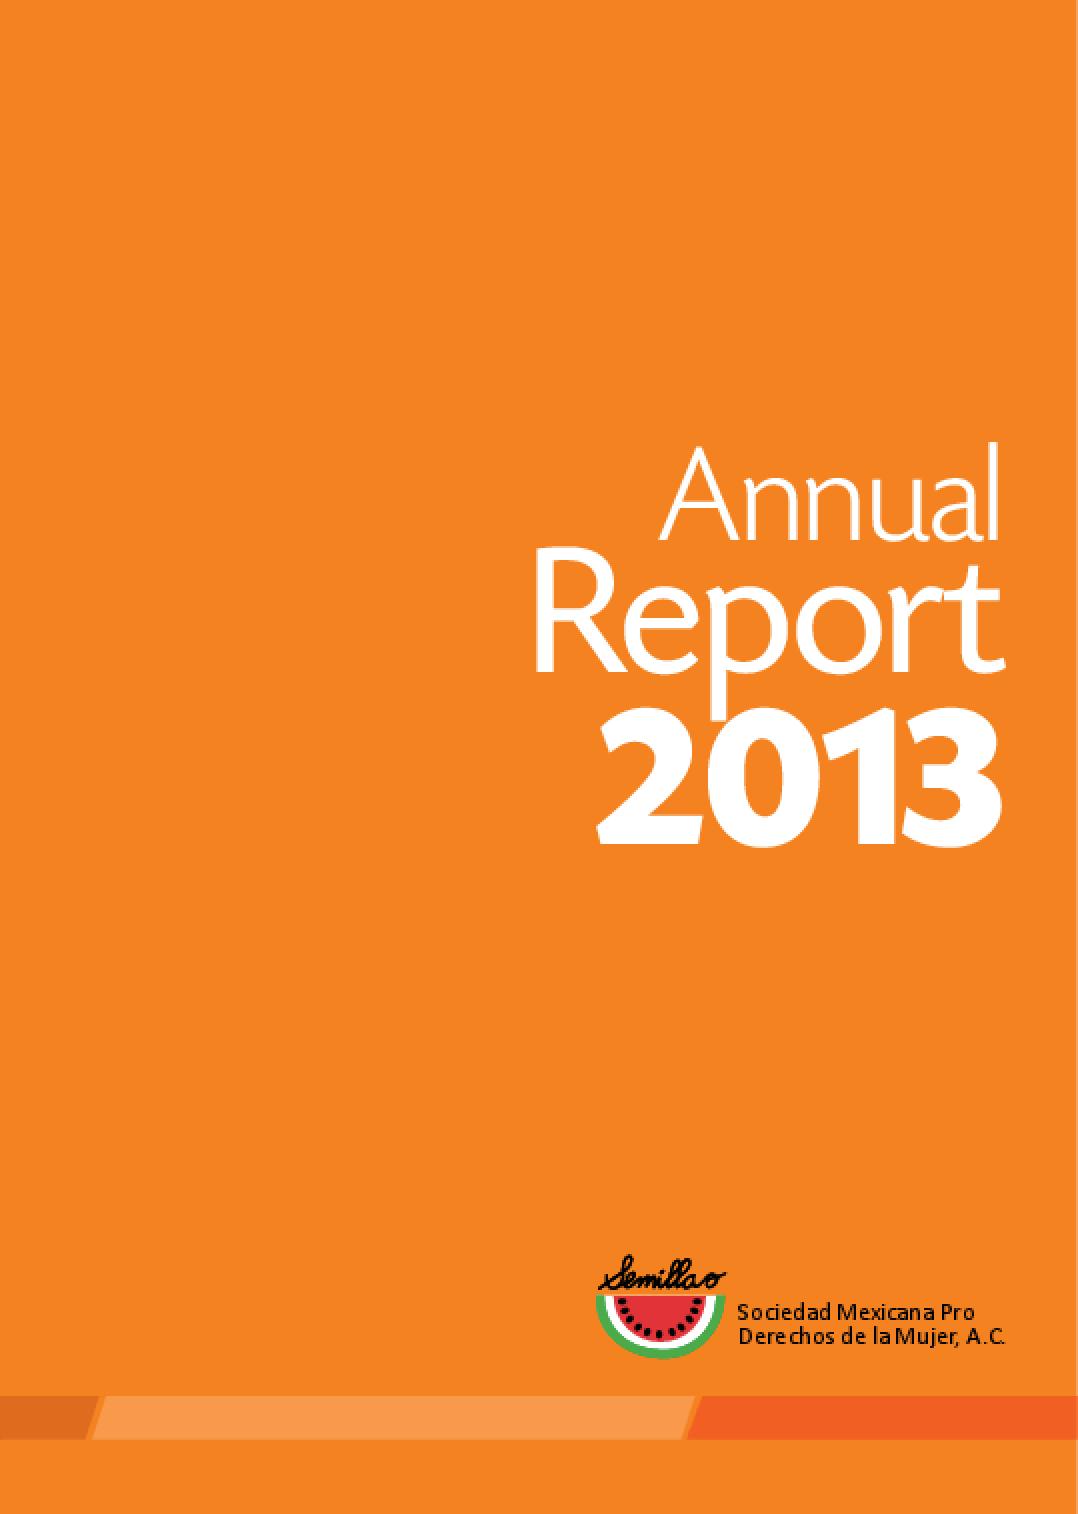 Semillas, 2013 Annual Report